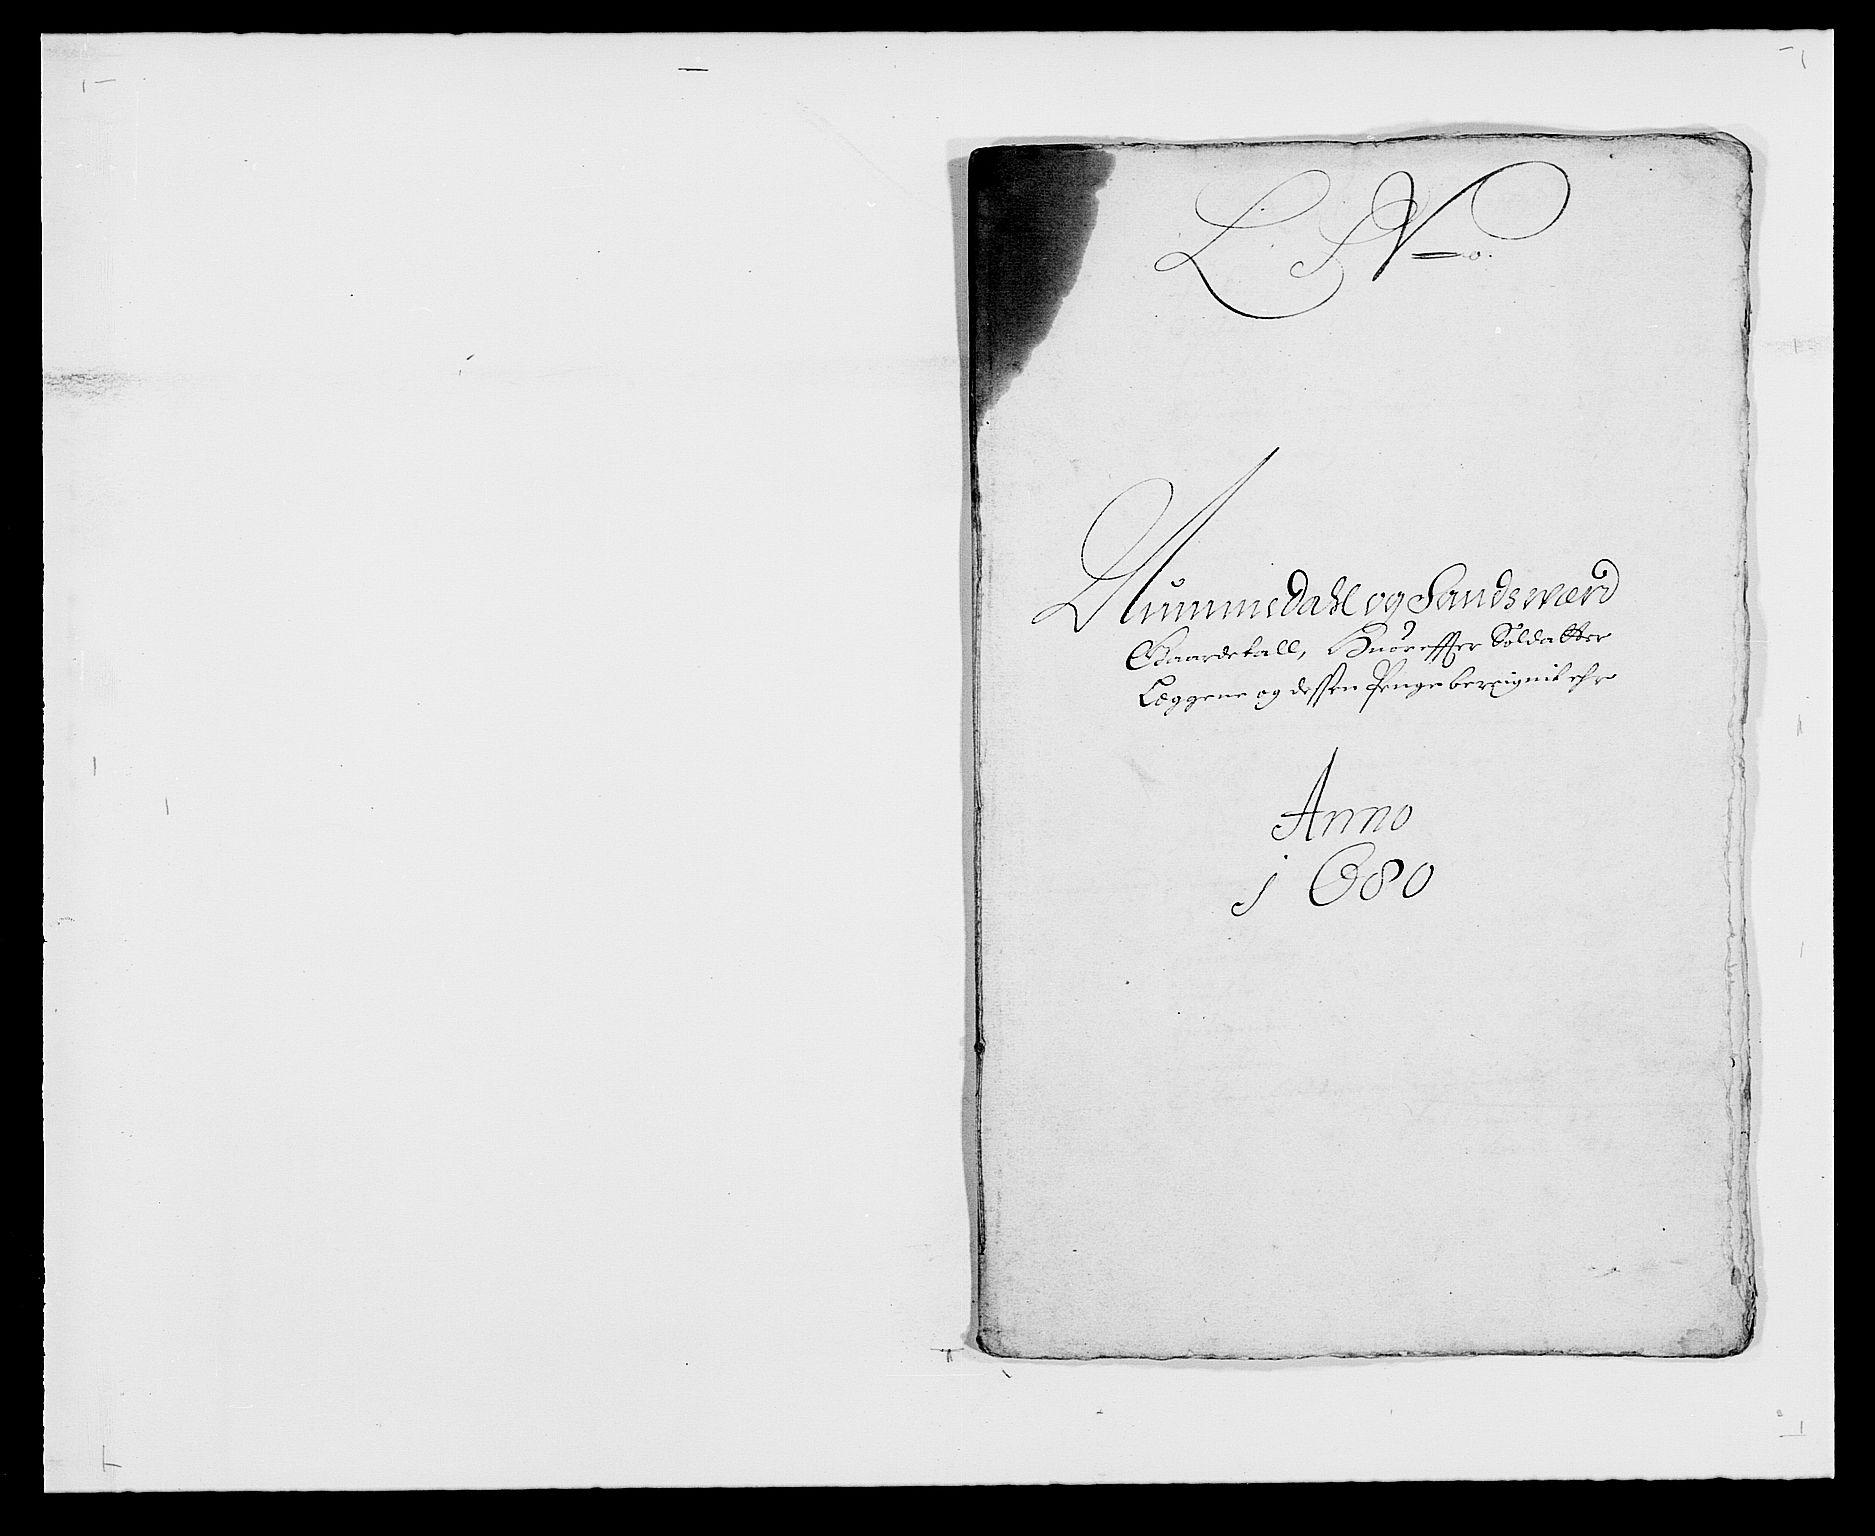 RA, Rentekammeret inntil 1814, Reviderte regnskaper, Fogderegnskap, R24/L1569: Fogderegnskap Numedal og Sandsvær, 1679-1686, s. 187